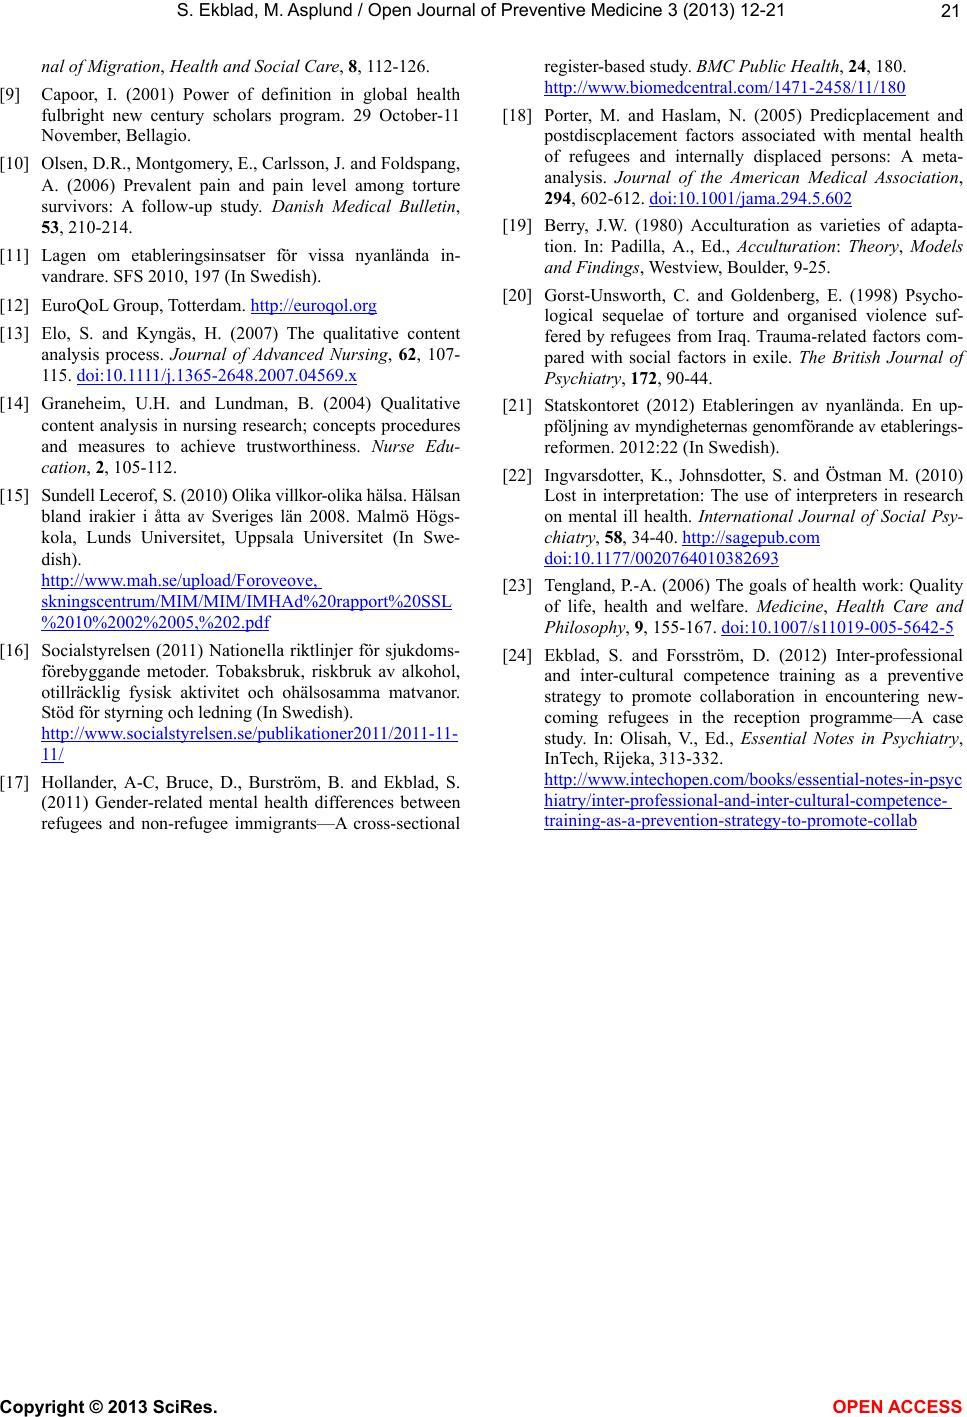 Bezaubernd Alkohol Definition Das Beste Von S. Ekblad, M. Asplund / Open Journal